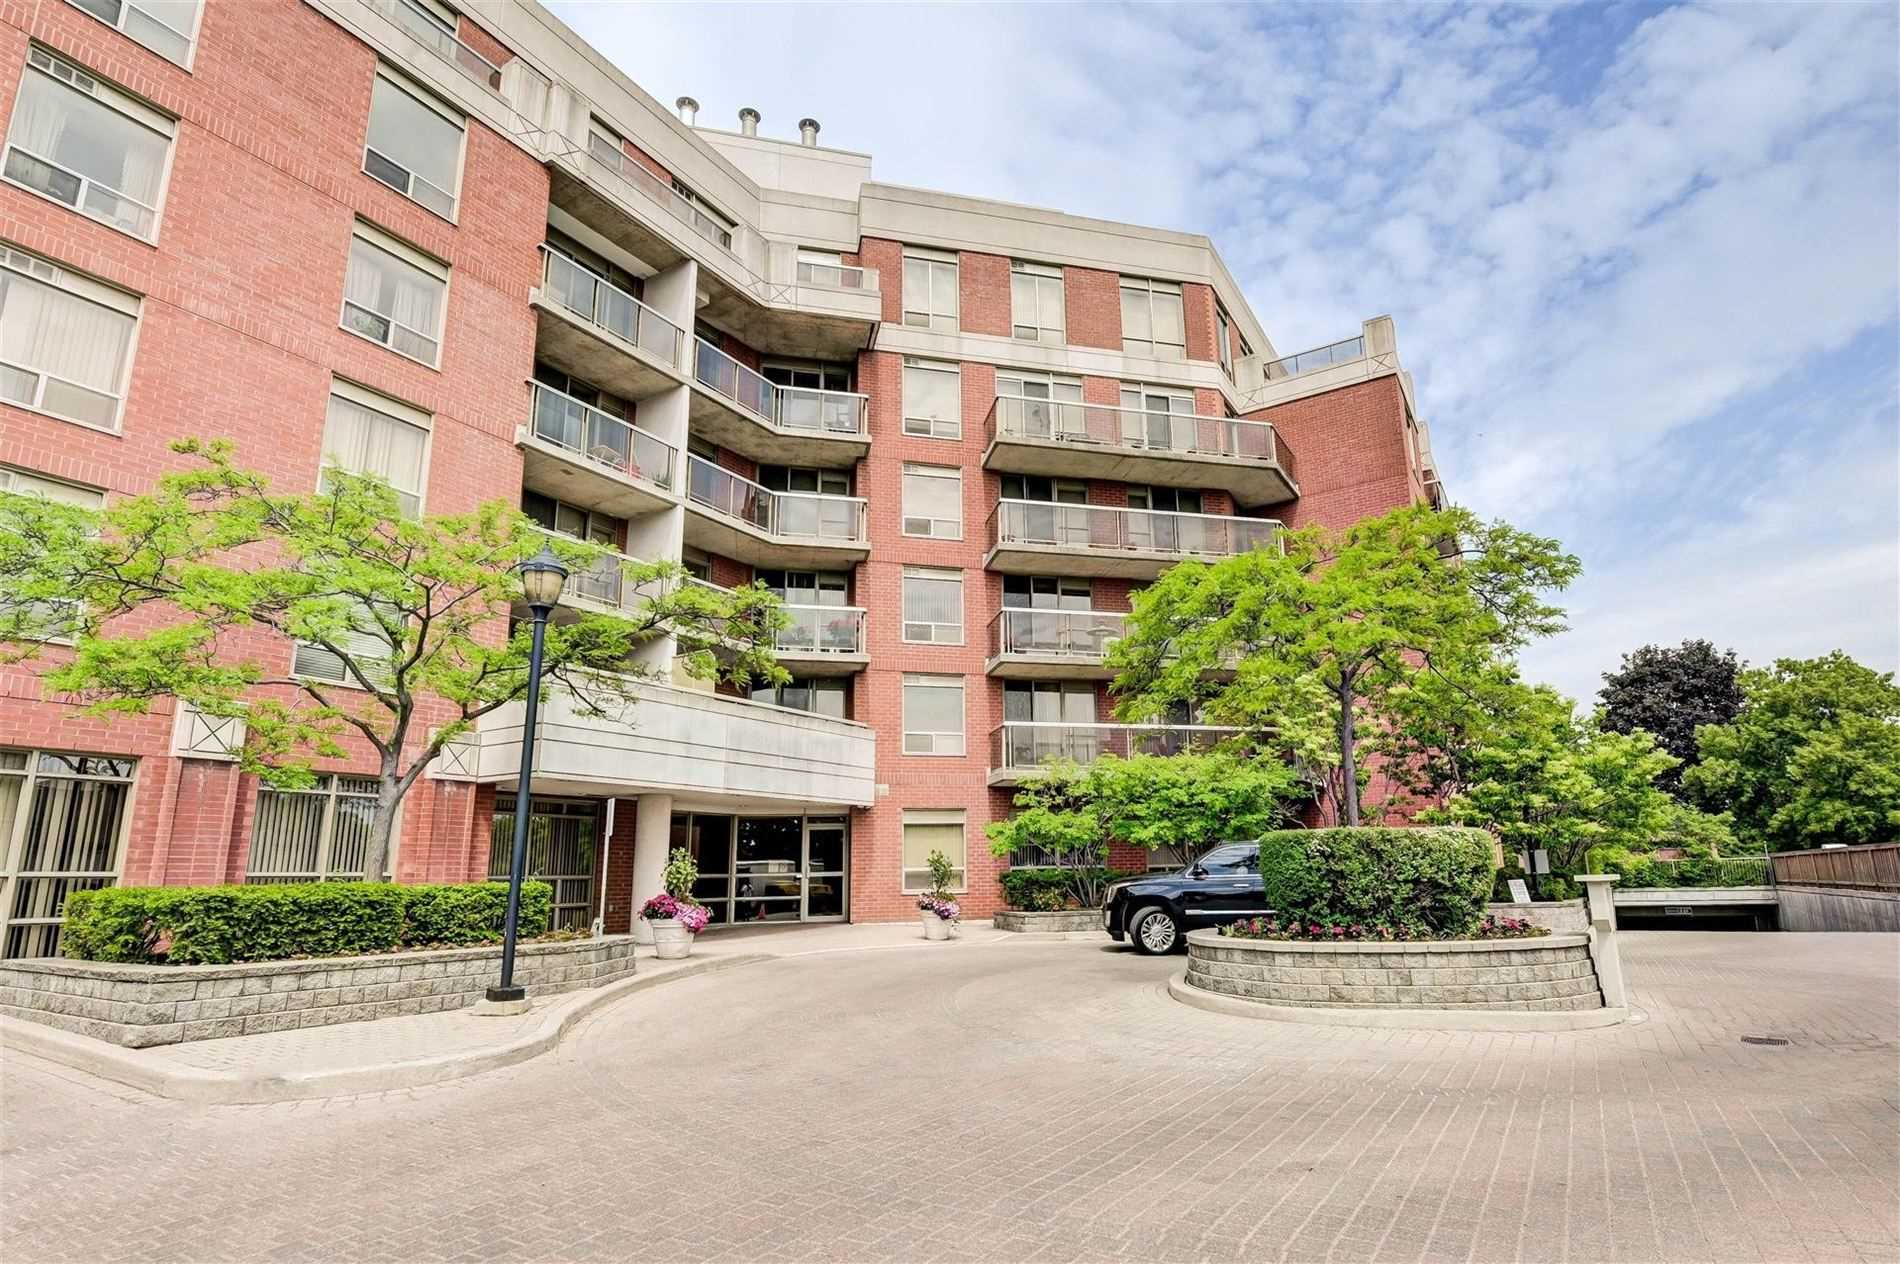 800 Sheppard Ave W, Toronto Ontario, Canada